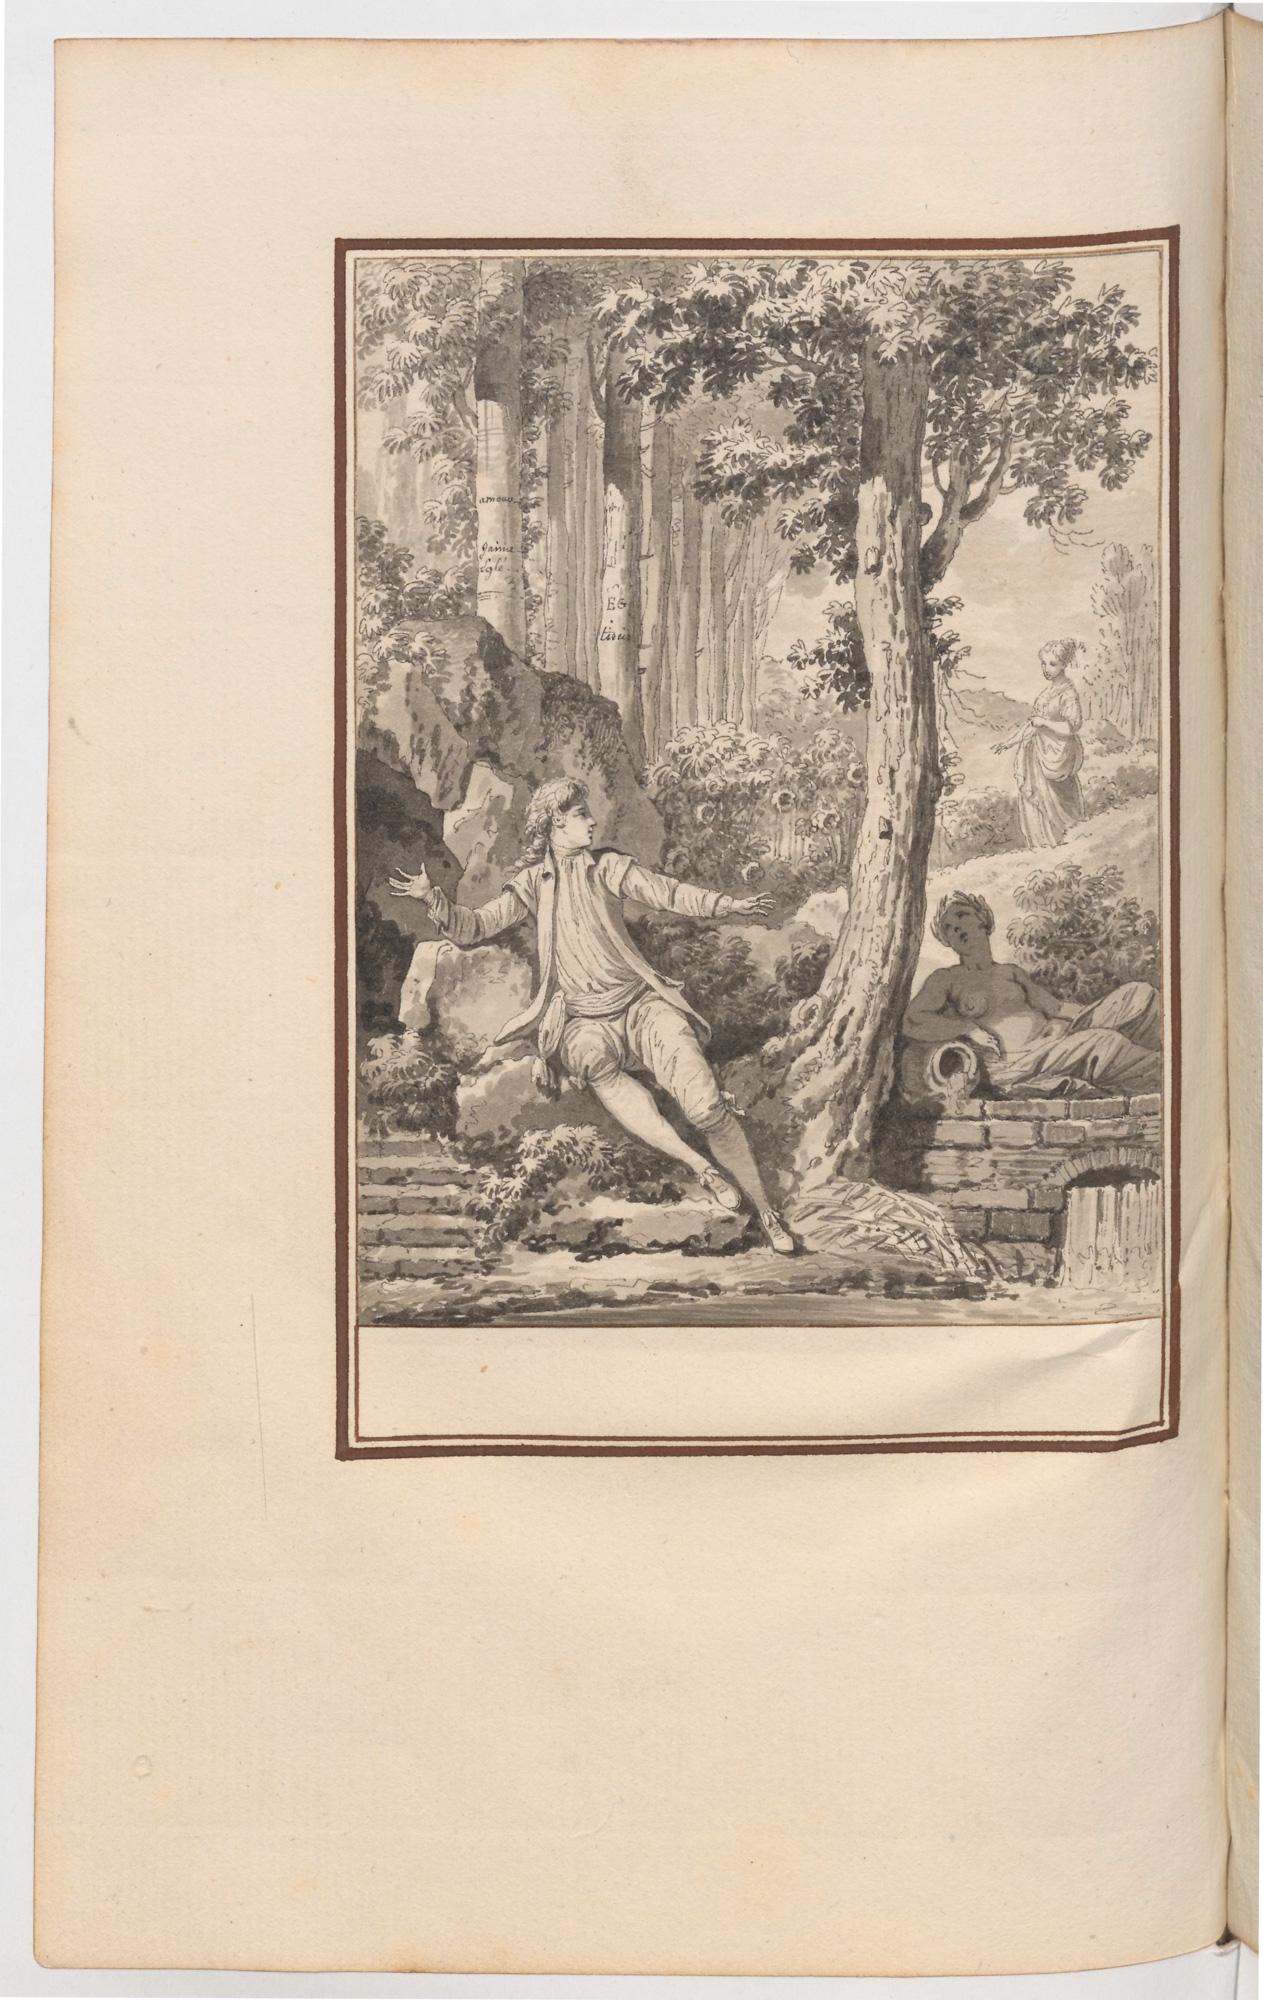 S.3.17 Les souvenirs, Chantilly, Image